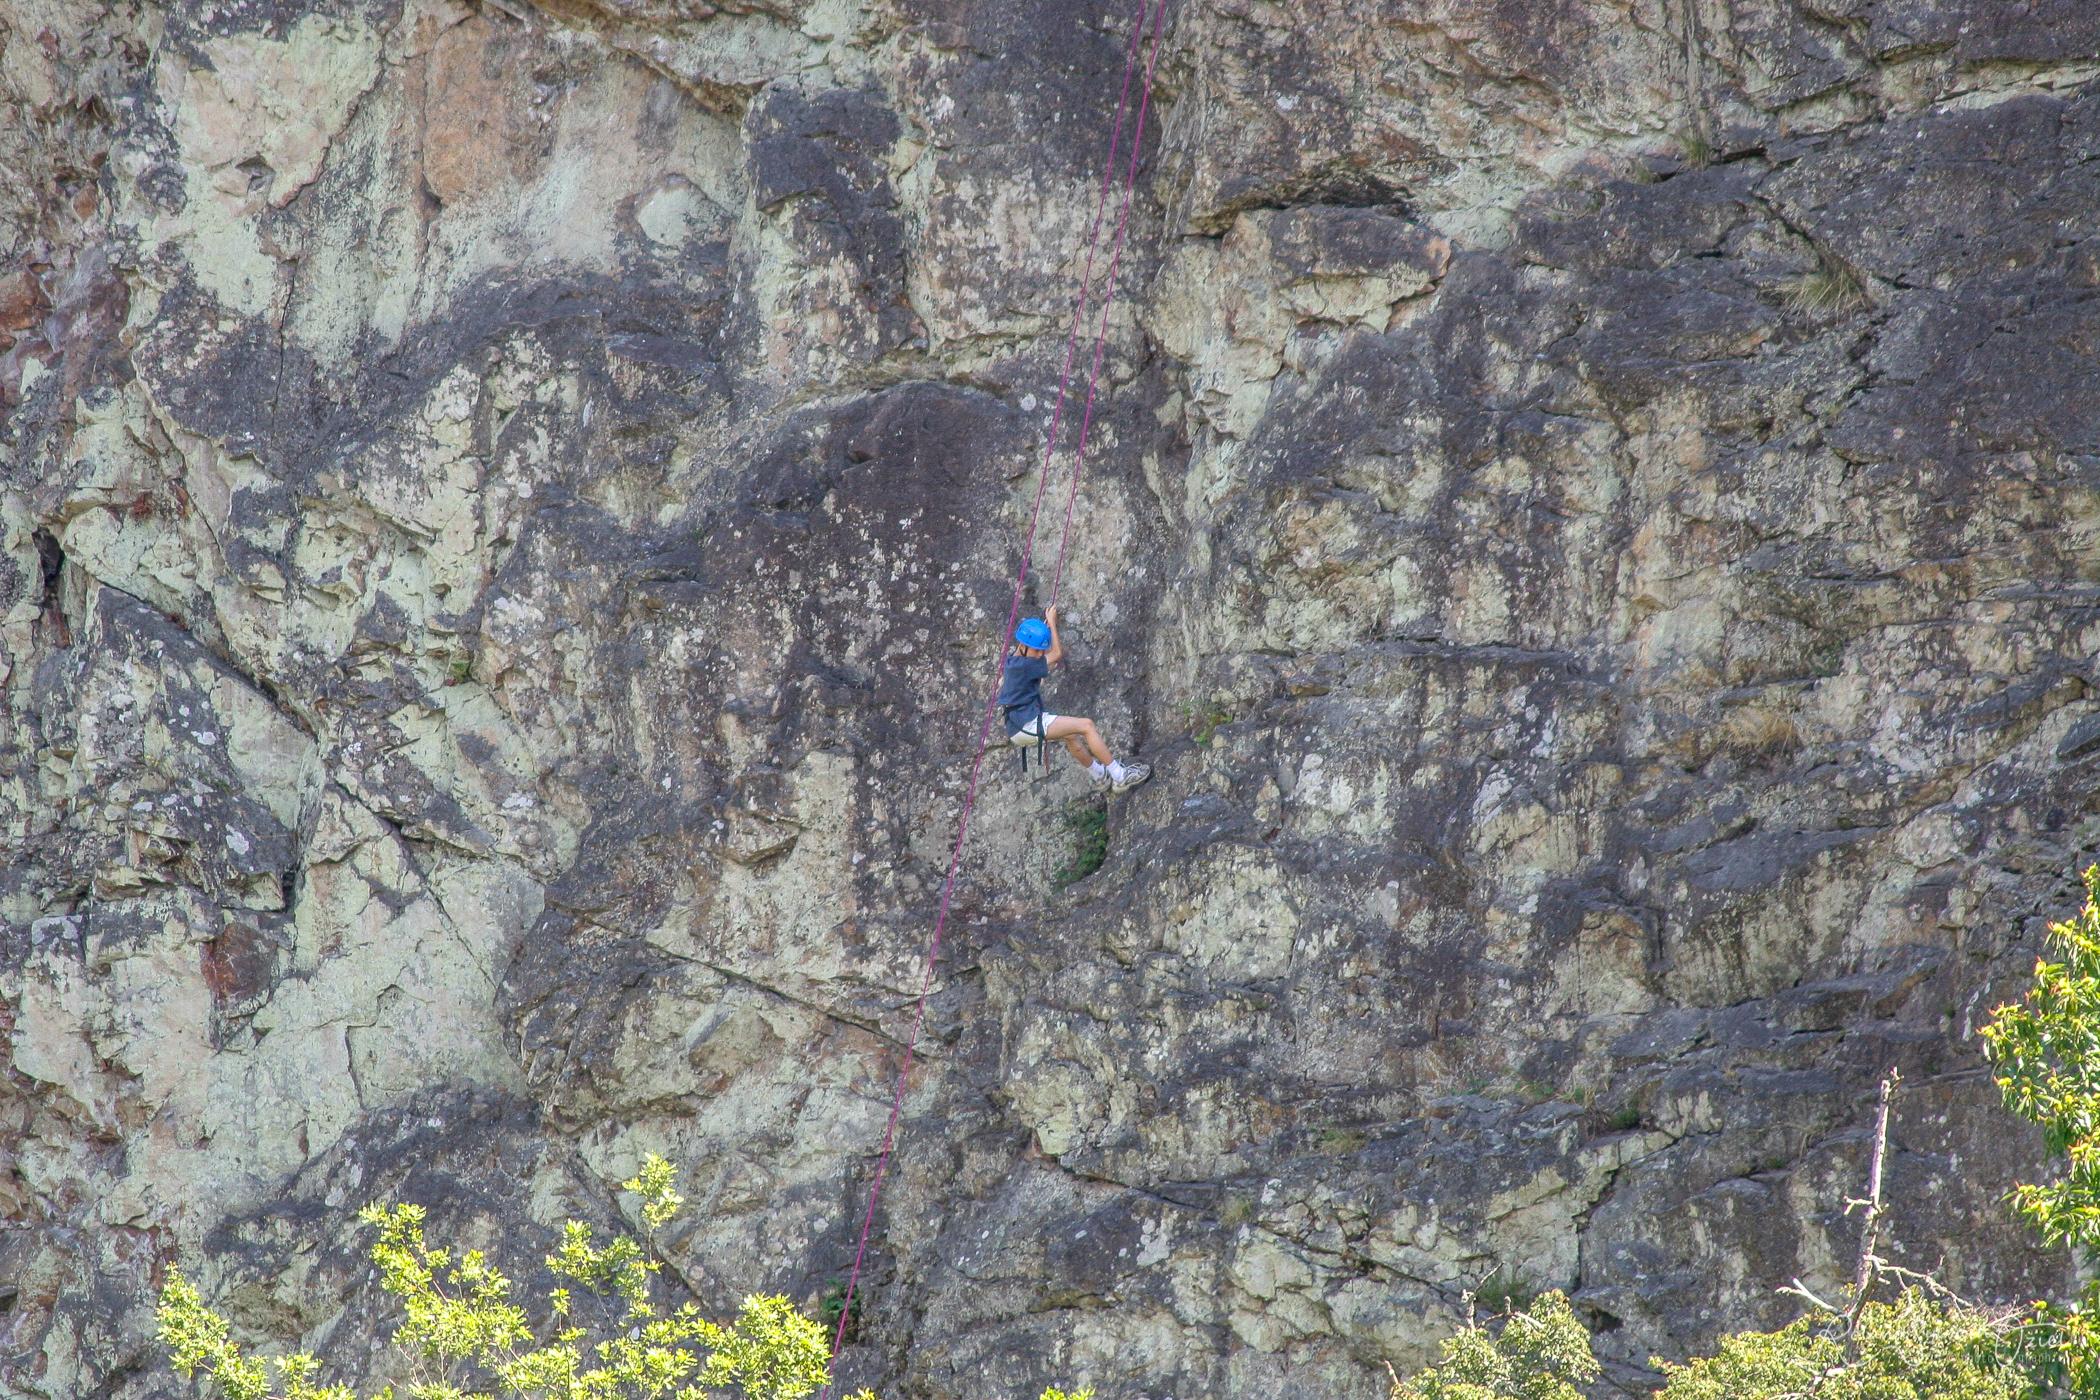 Varappe sur rocher de pierre blanche à mervent à partir de votre camping pendant les vacances